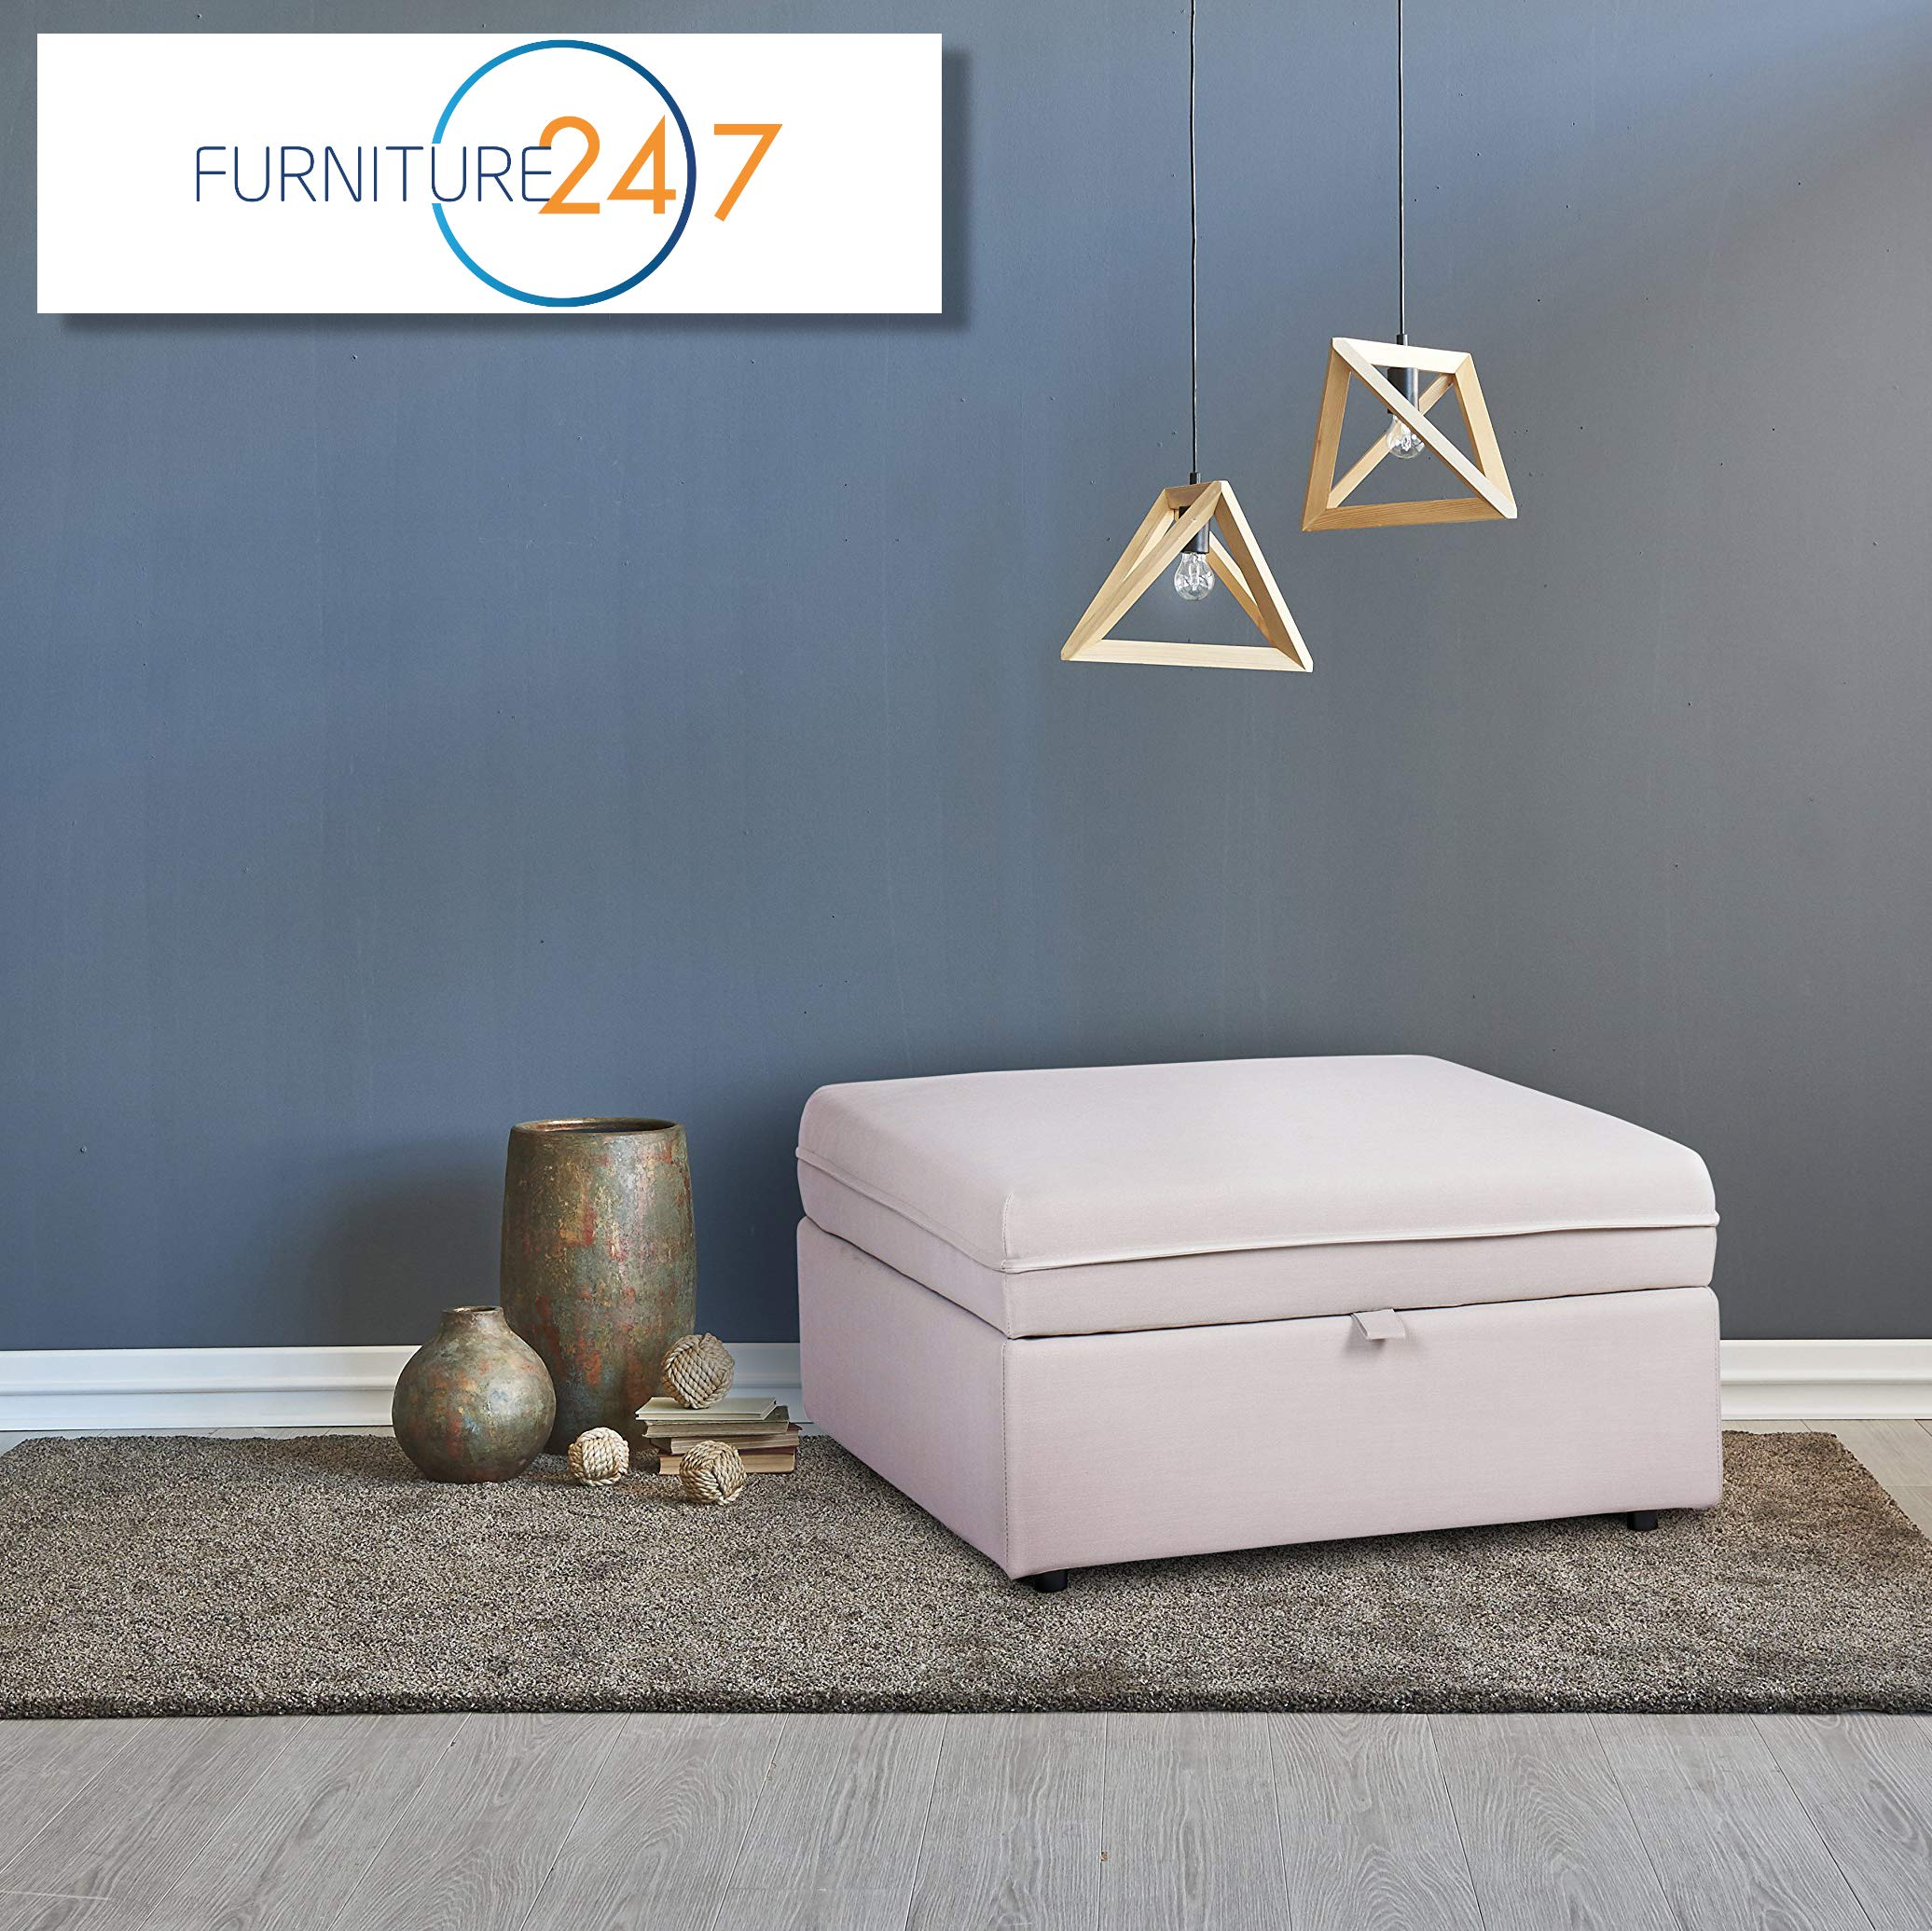 Furniture247